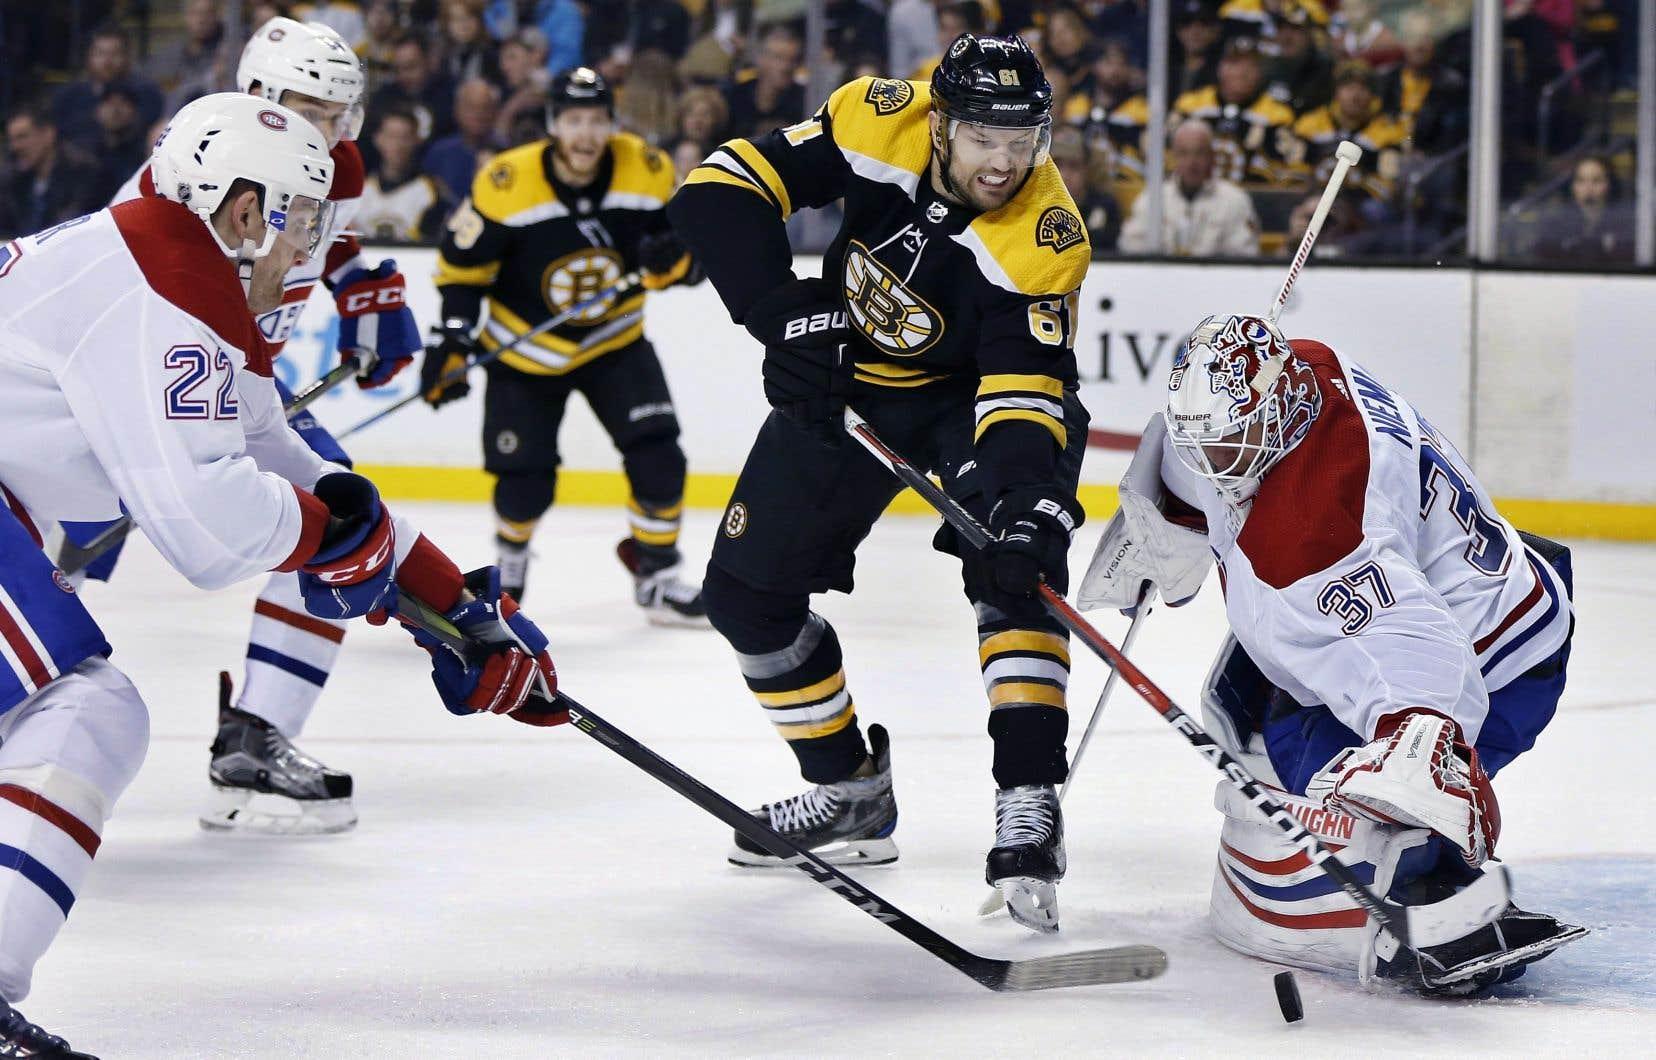 L'attaquant Rick Nash des Bruins fait face au gardien Antti Niemi, lors de la deuxième période, samedi.